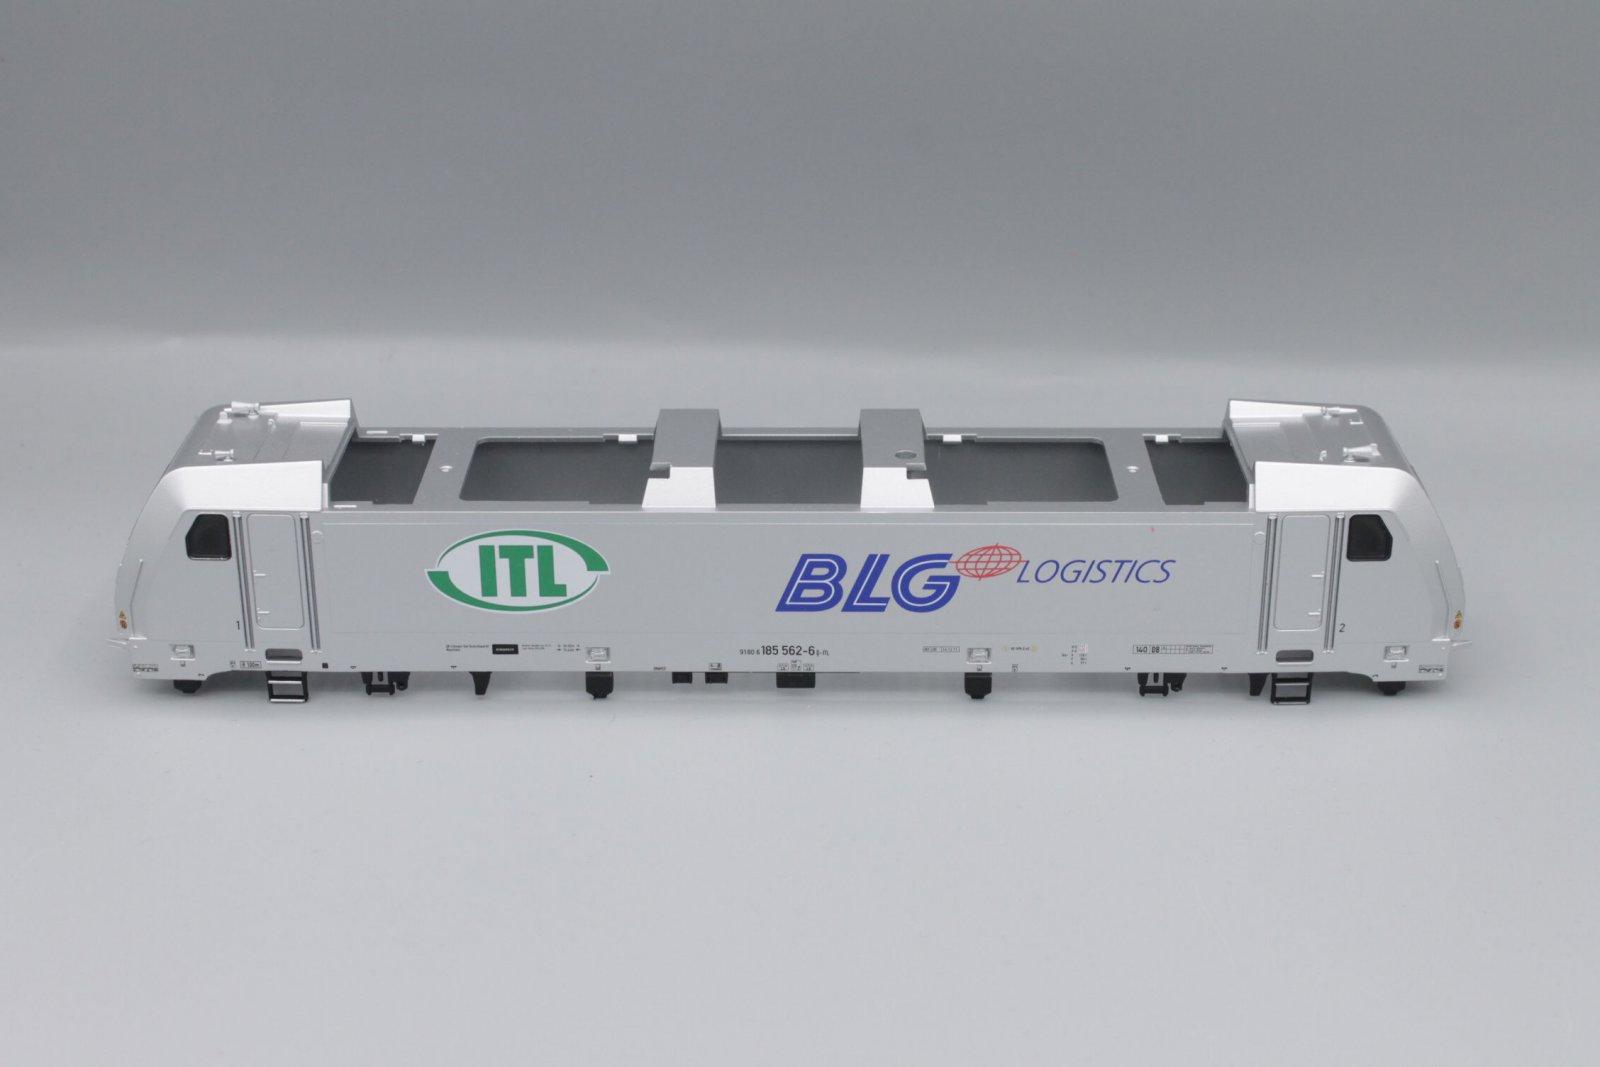 Ersatzteil Piko 185 562- Gehäuse ITL silber BLG mit Fenstern, Führerständen